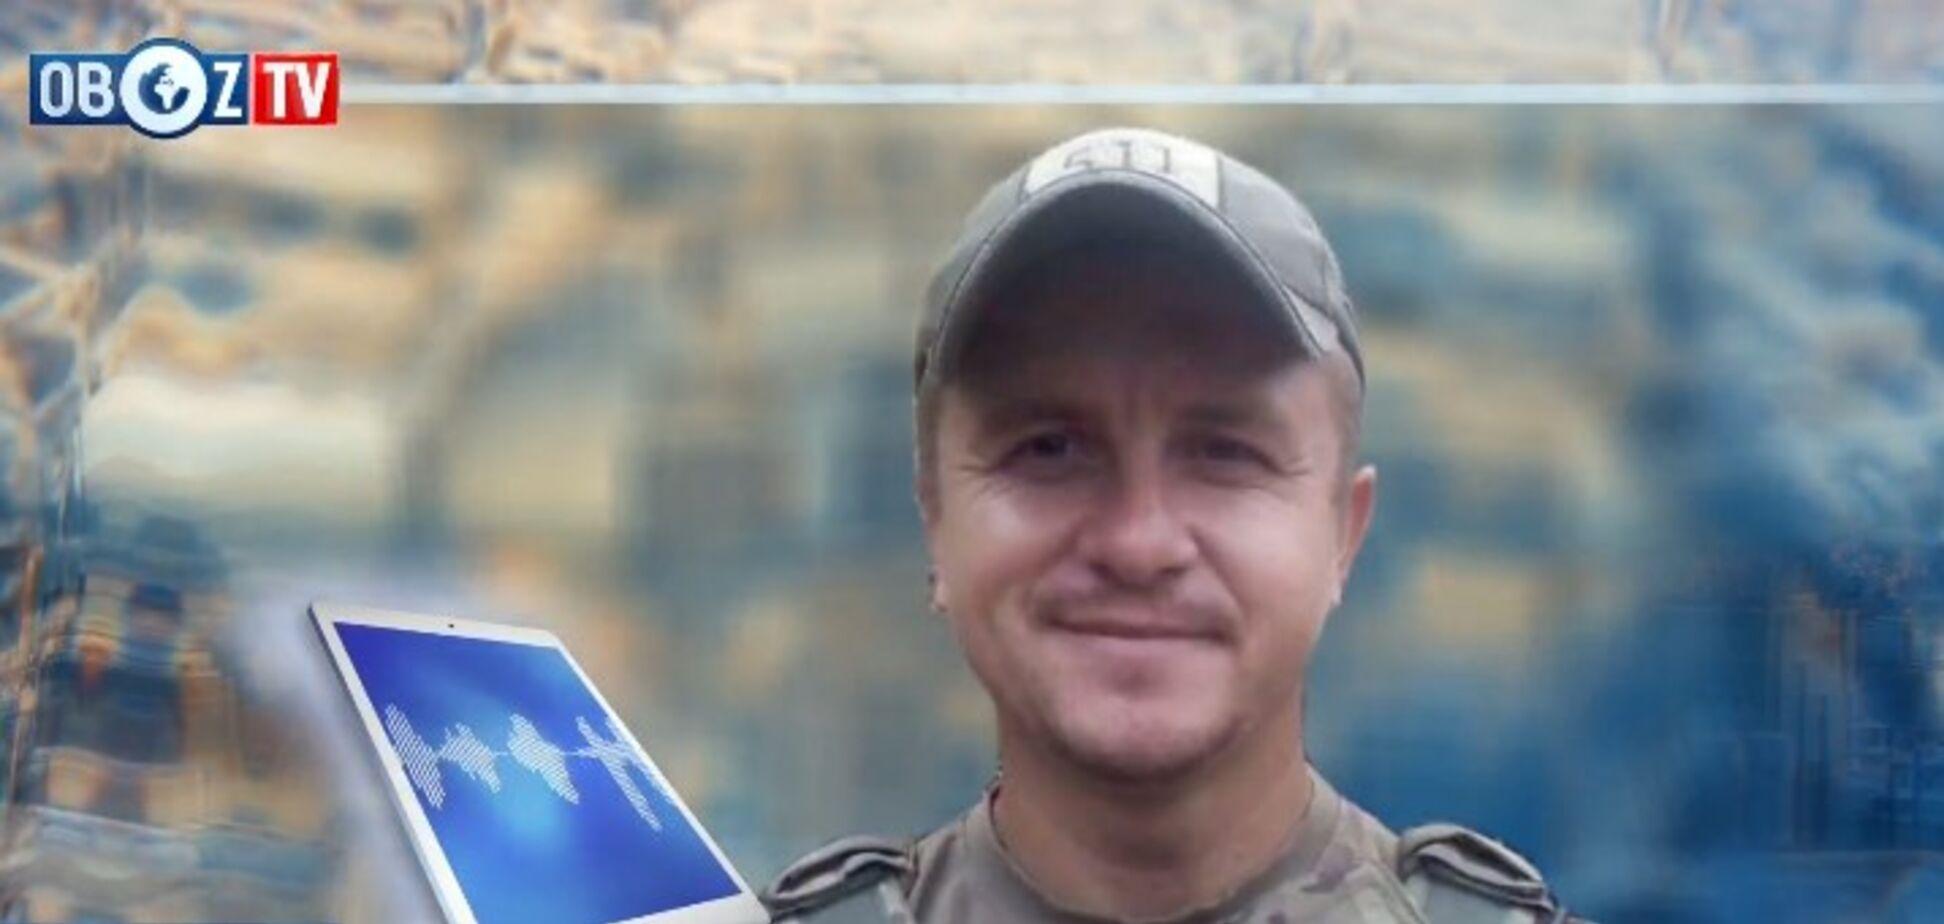 Силовое возвращение Донбасса сейчас невозможно – боец ООС